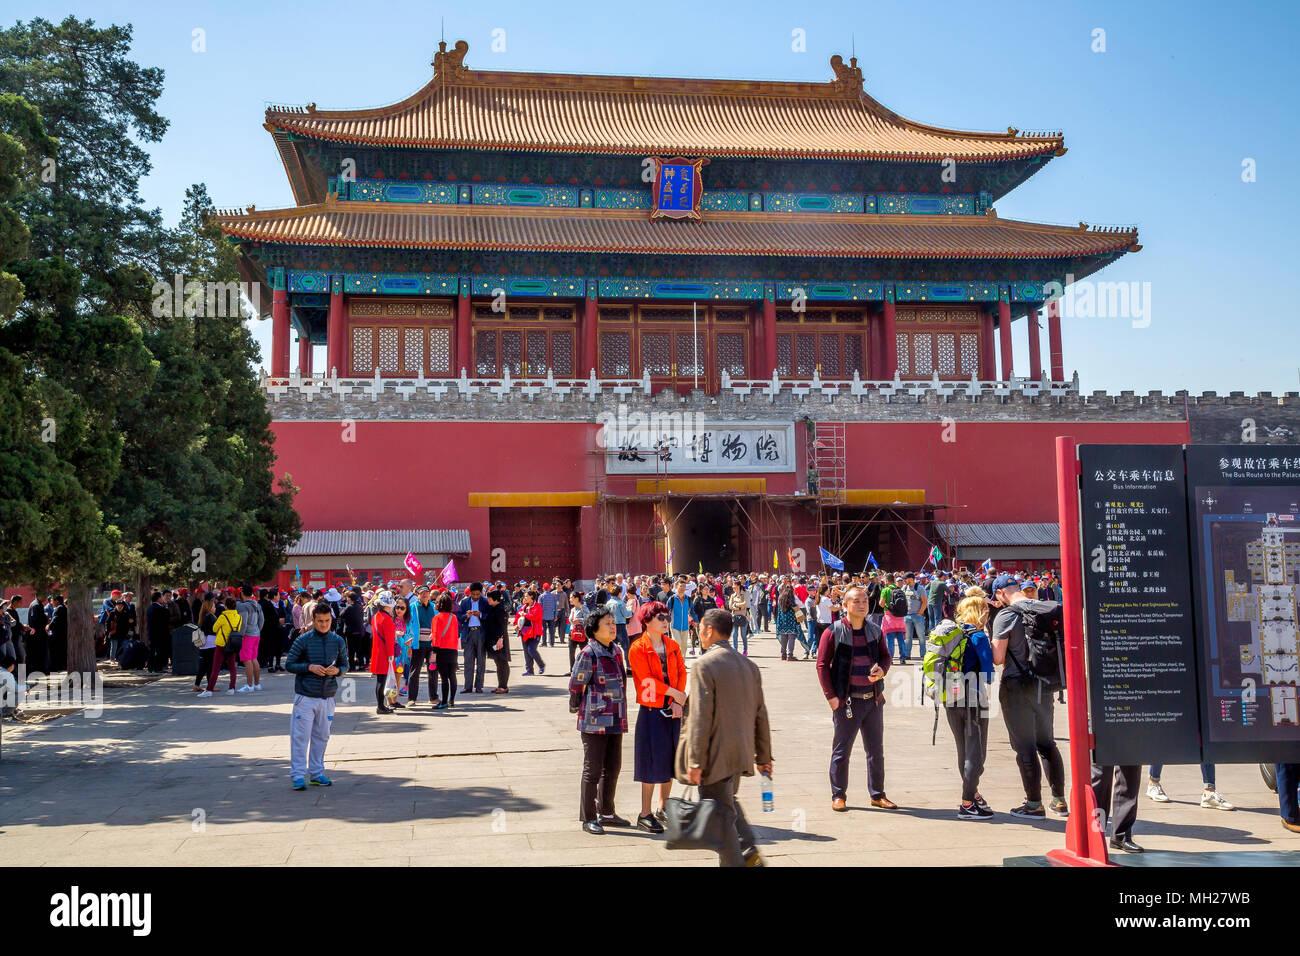 Museo del Palacio, la Ciudad Prohibida, Beijing, China - multitudes de turistas se reúnen en la puerta del poder divino. Los obreros están haciendo reparaciones por encima de la salida. Foto de stock